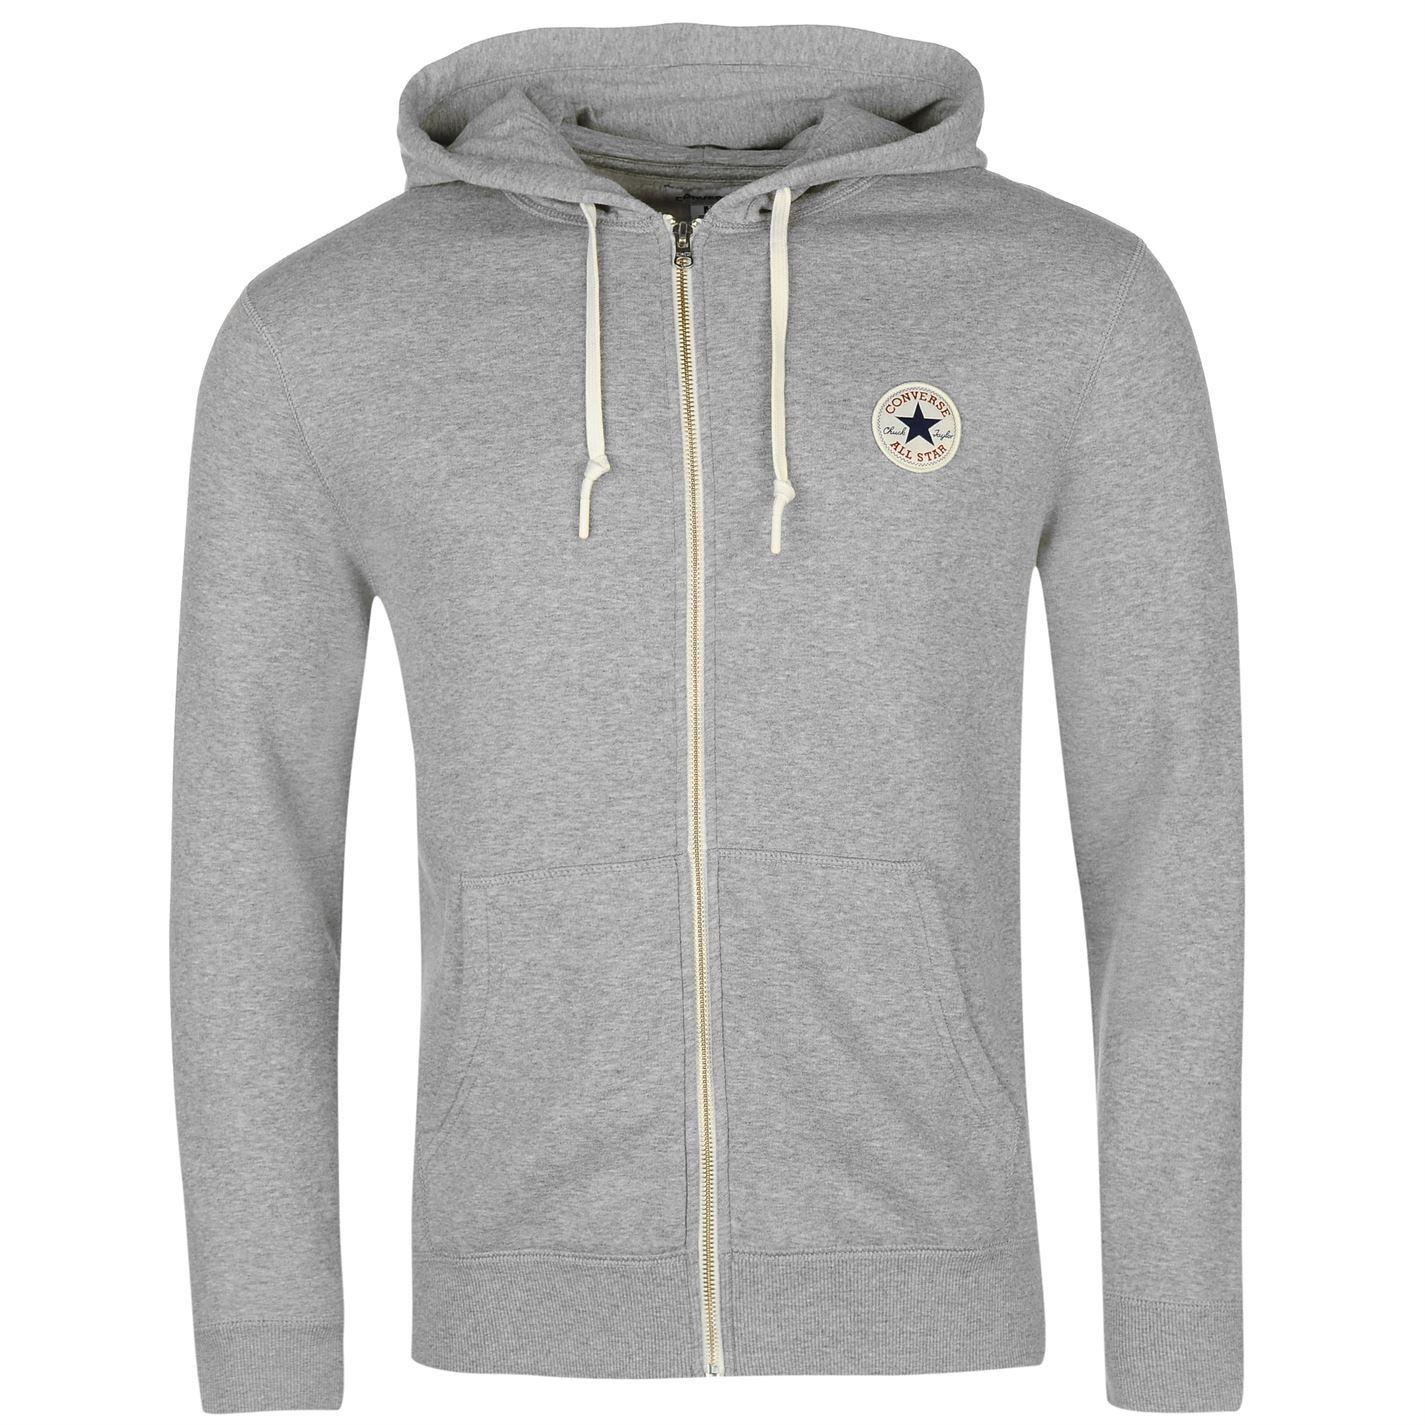 thumbnail 15 - Converse Core Full Zip Hoody Jacket Mens Hoodie Sweatshirt Sweater Hooded Top